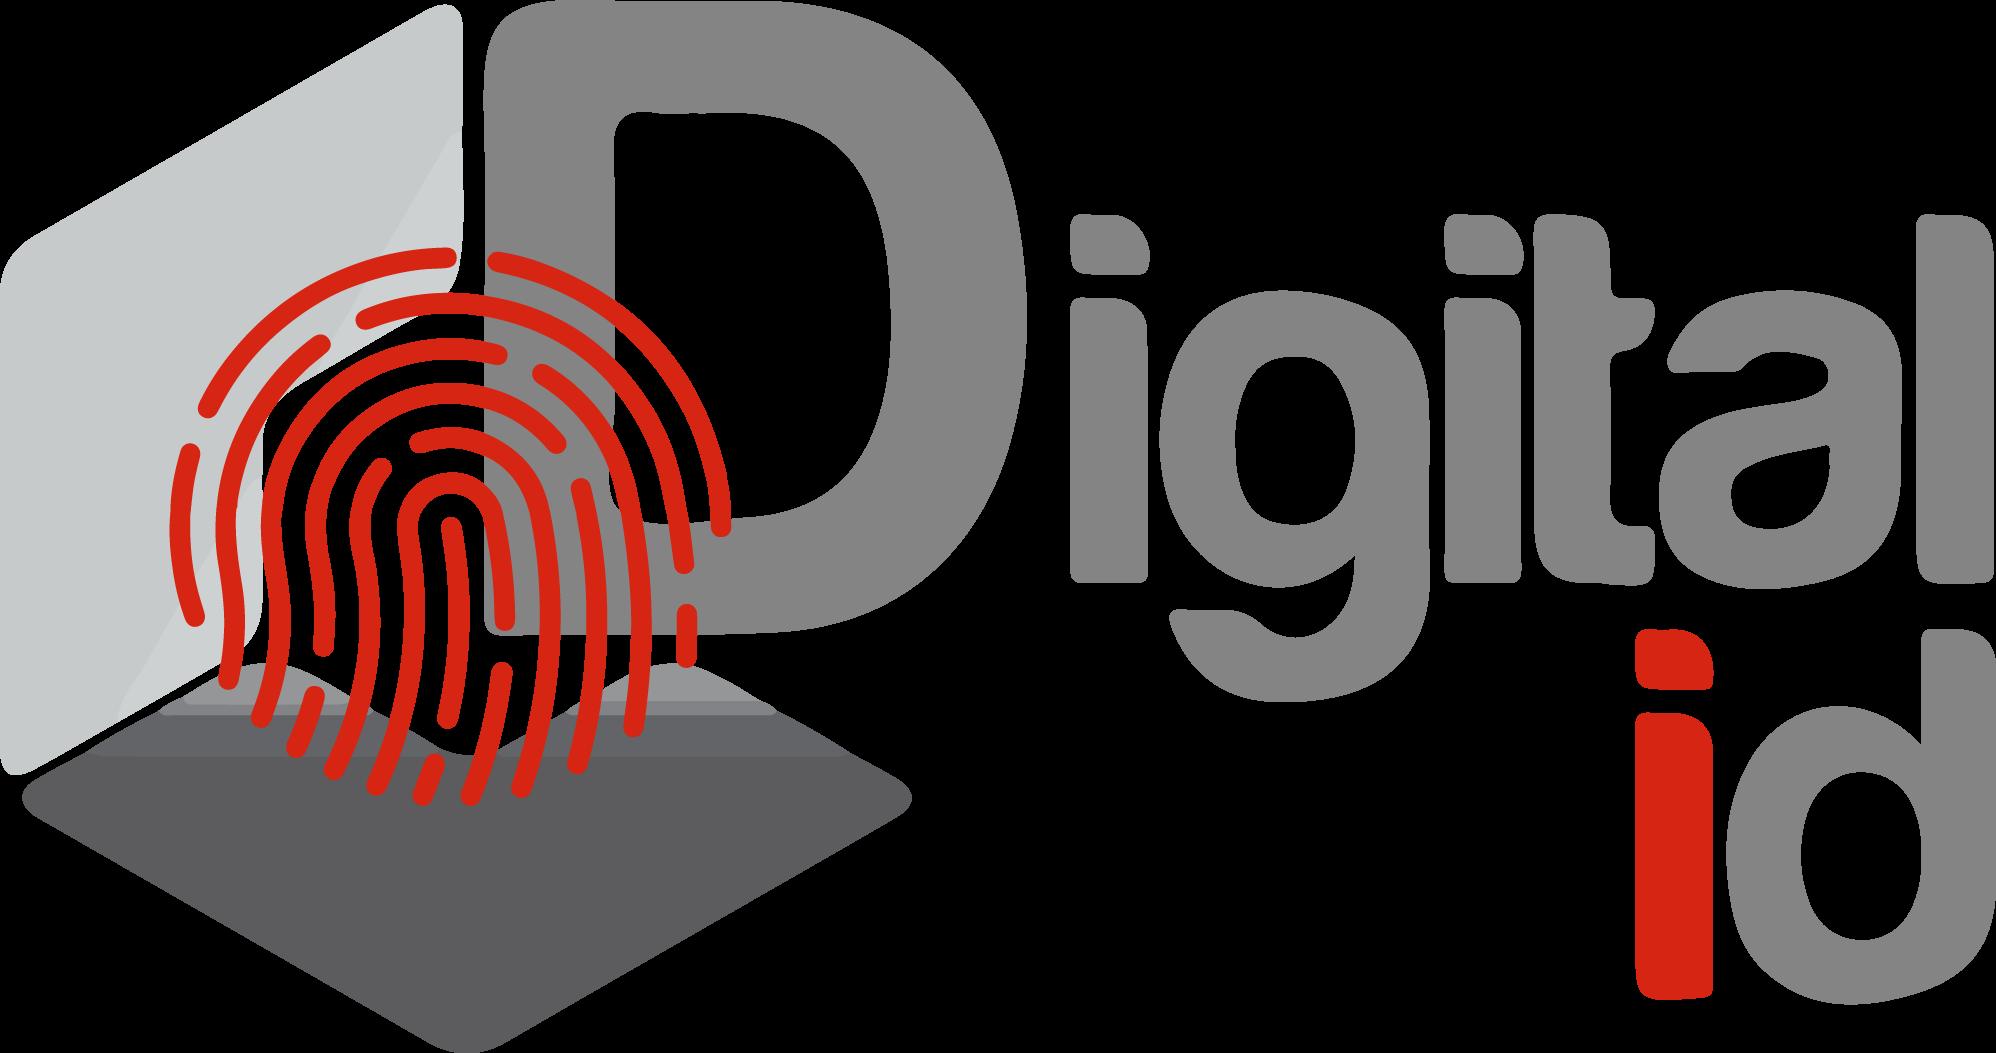 Digitalid.gr